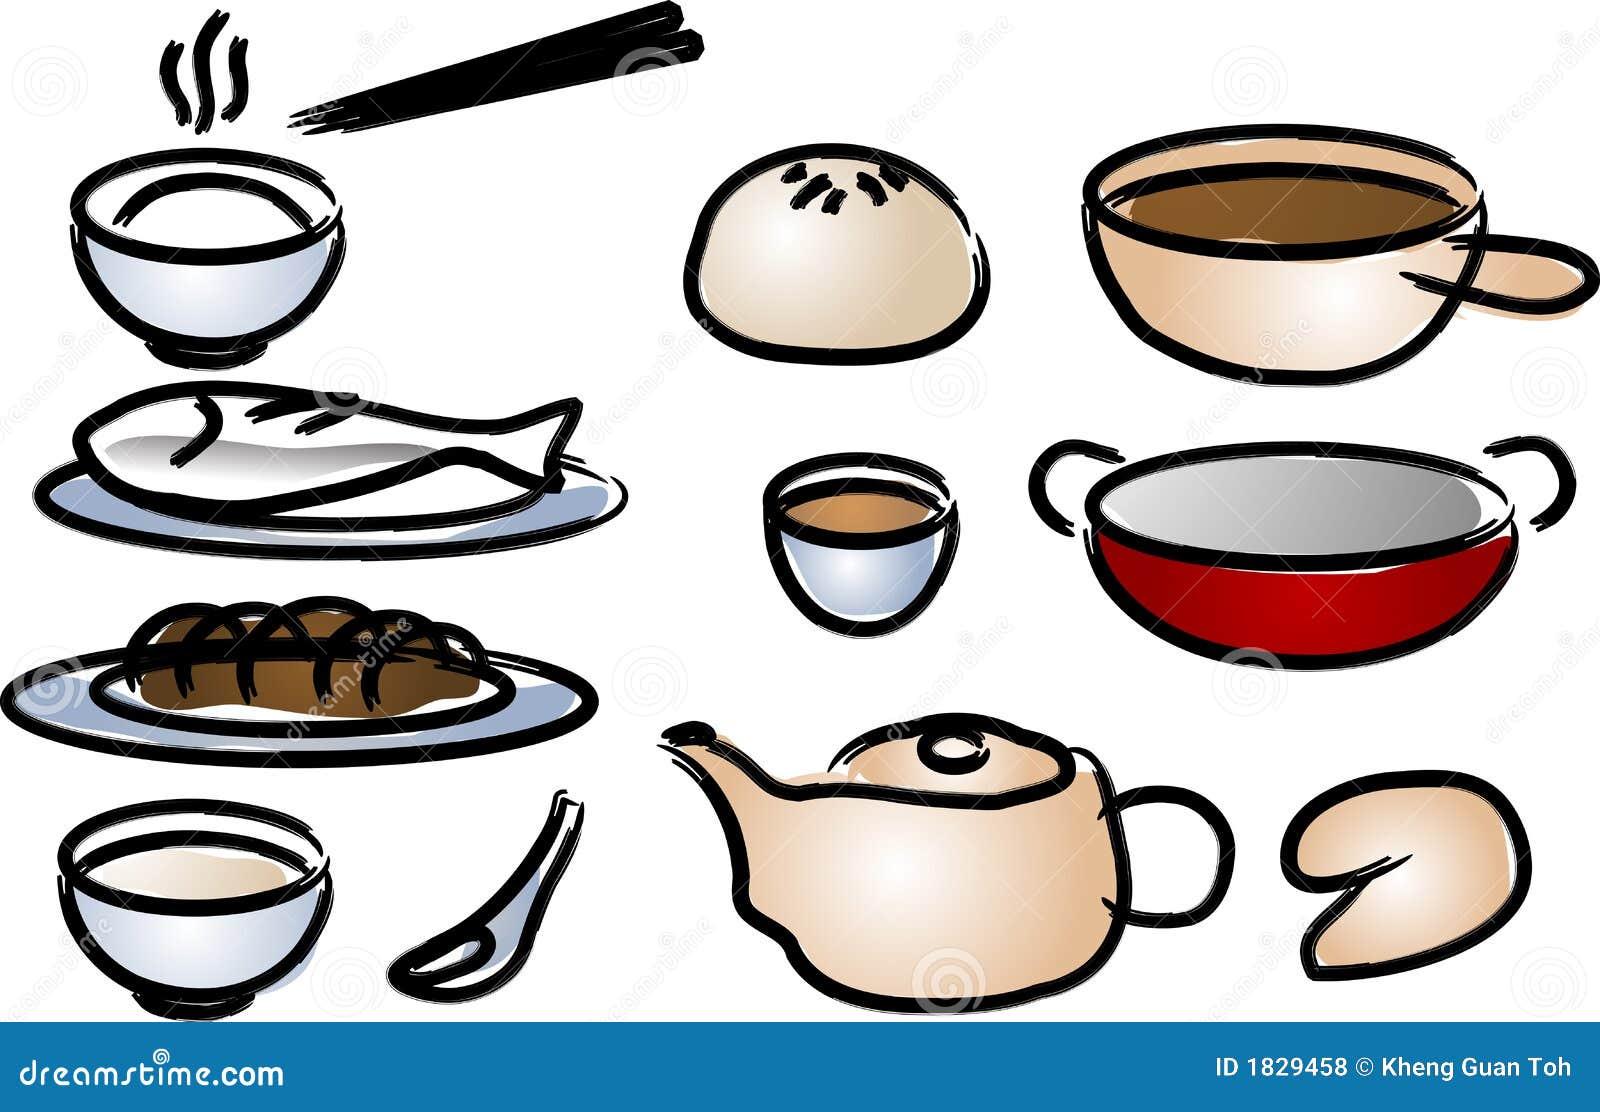 graphismes chinois de cuisine illustration de vecteur illustration du balai porcelaine 1829458. Black Bedroom Furniture Sets. Home Design Ideas